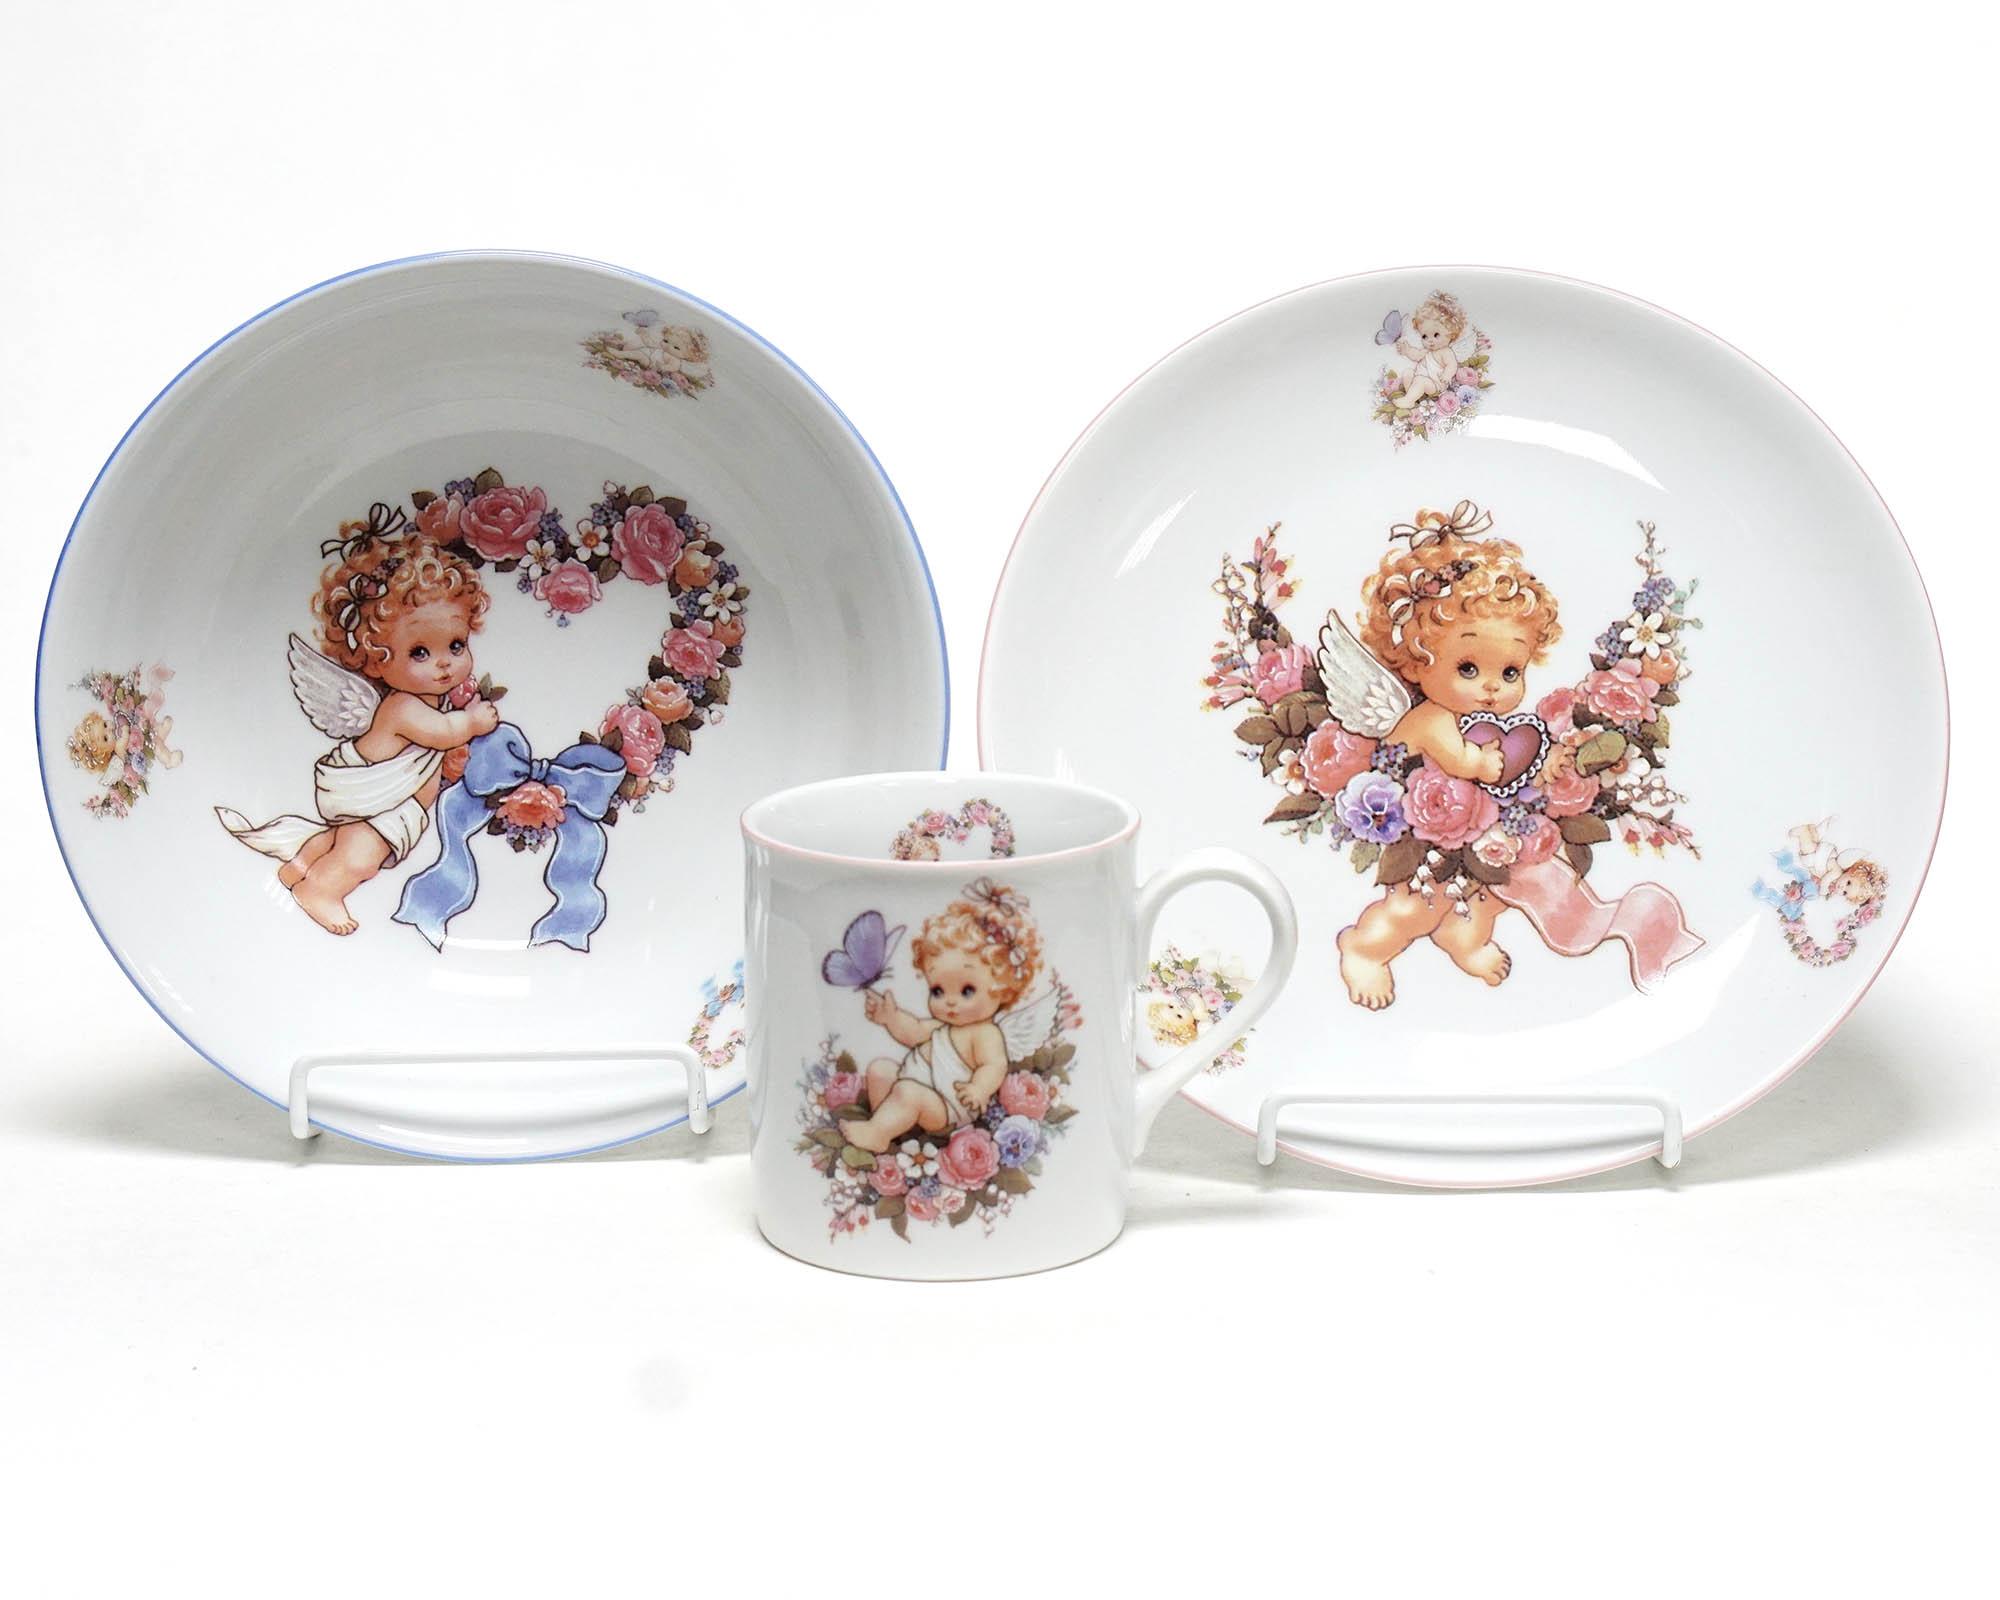 Фото Детский набор посуды Ангелок, 3 предмета